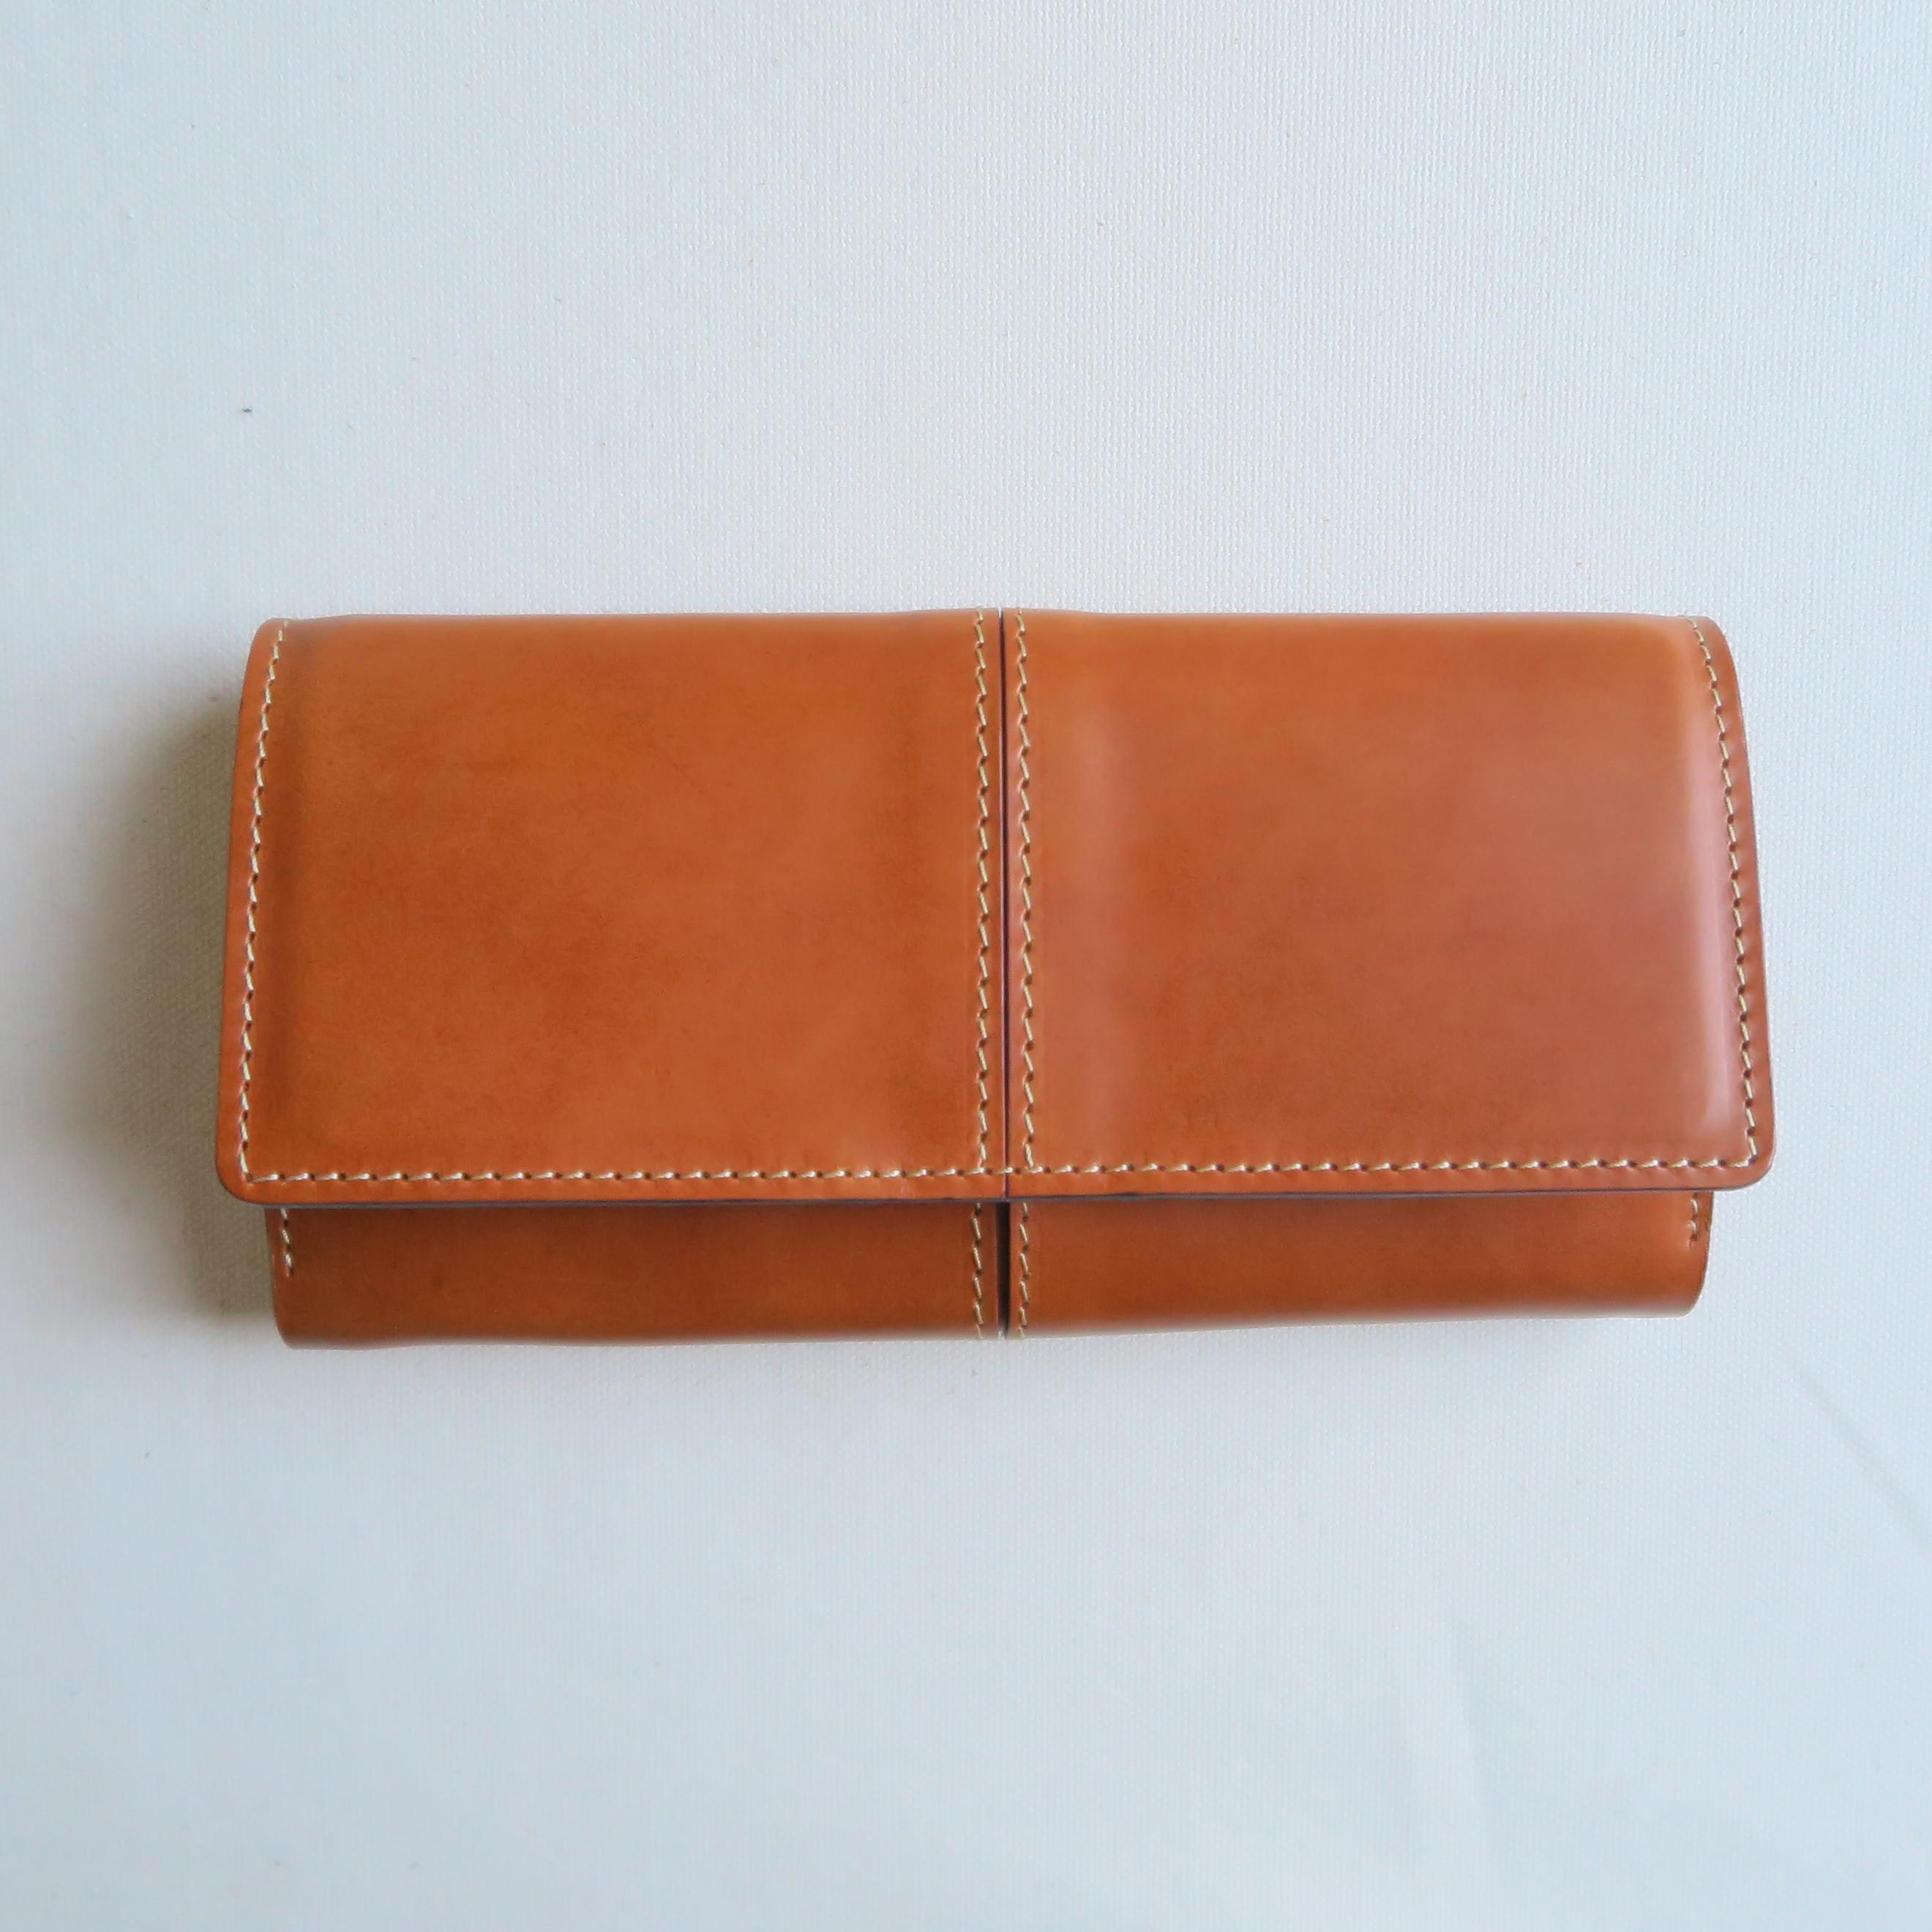 Garçon wallet BROWN